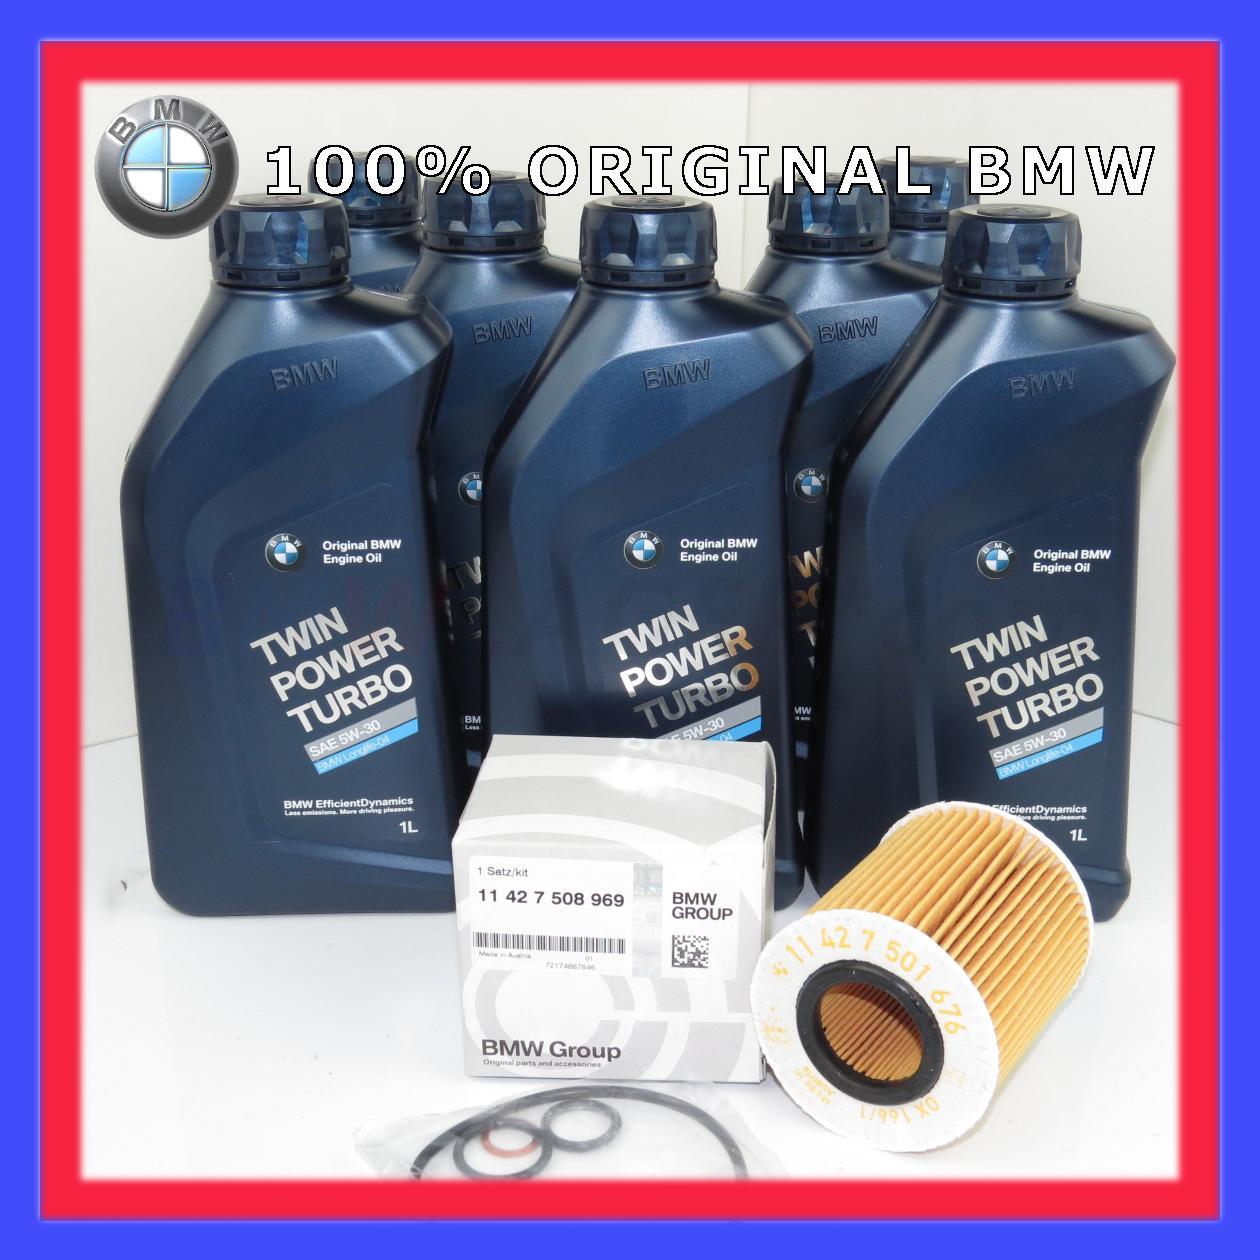 Das American Petroleum Institute (API) ist der größte Interessenverband der US-amerikanischen Öl- und Gasindustrie. Seit den er Jahren erarbeitet man dort technische Standards und gibt technische Richtlinien heraus, unter anderem auch für Motoröl.